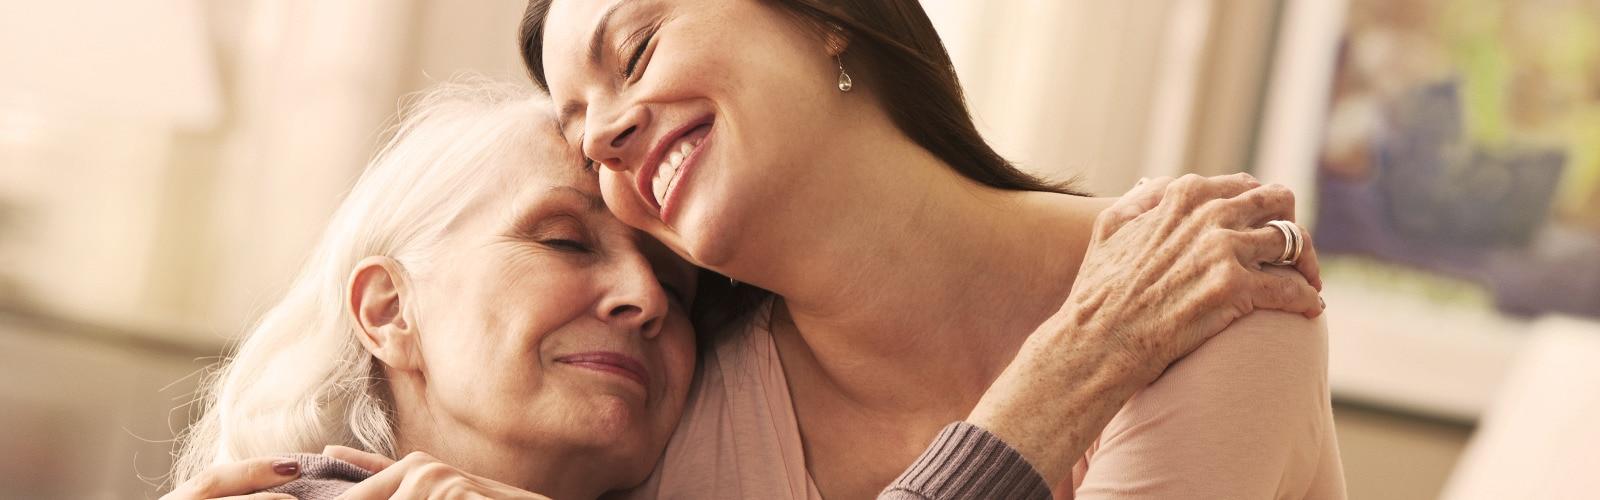 Młoda kobieta przytulająca starszą kobietę – radzenie sobie z pogarszającym się stanem zdrowia bliskich